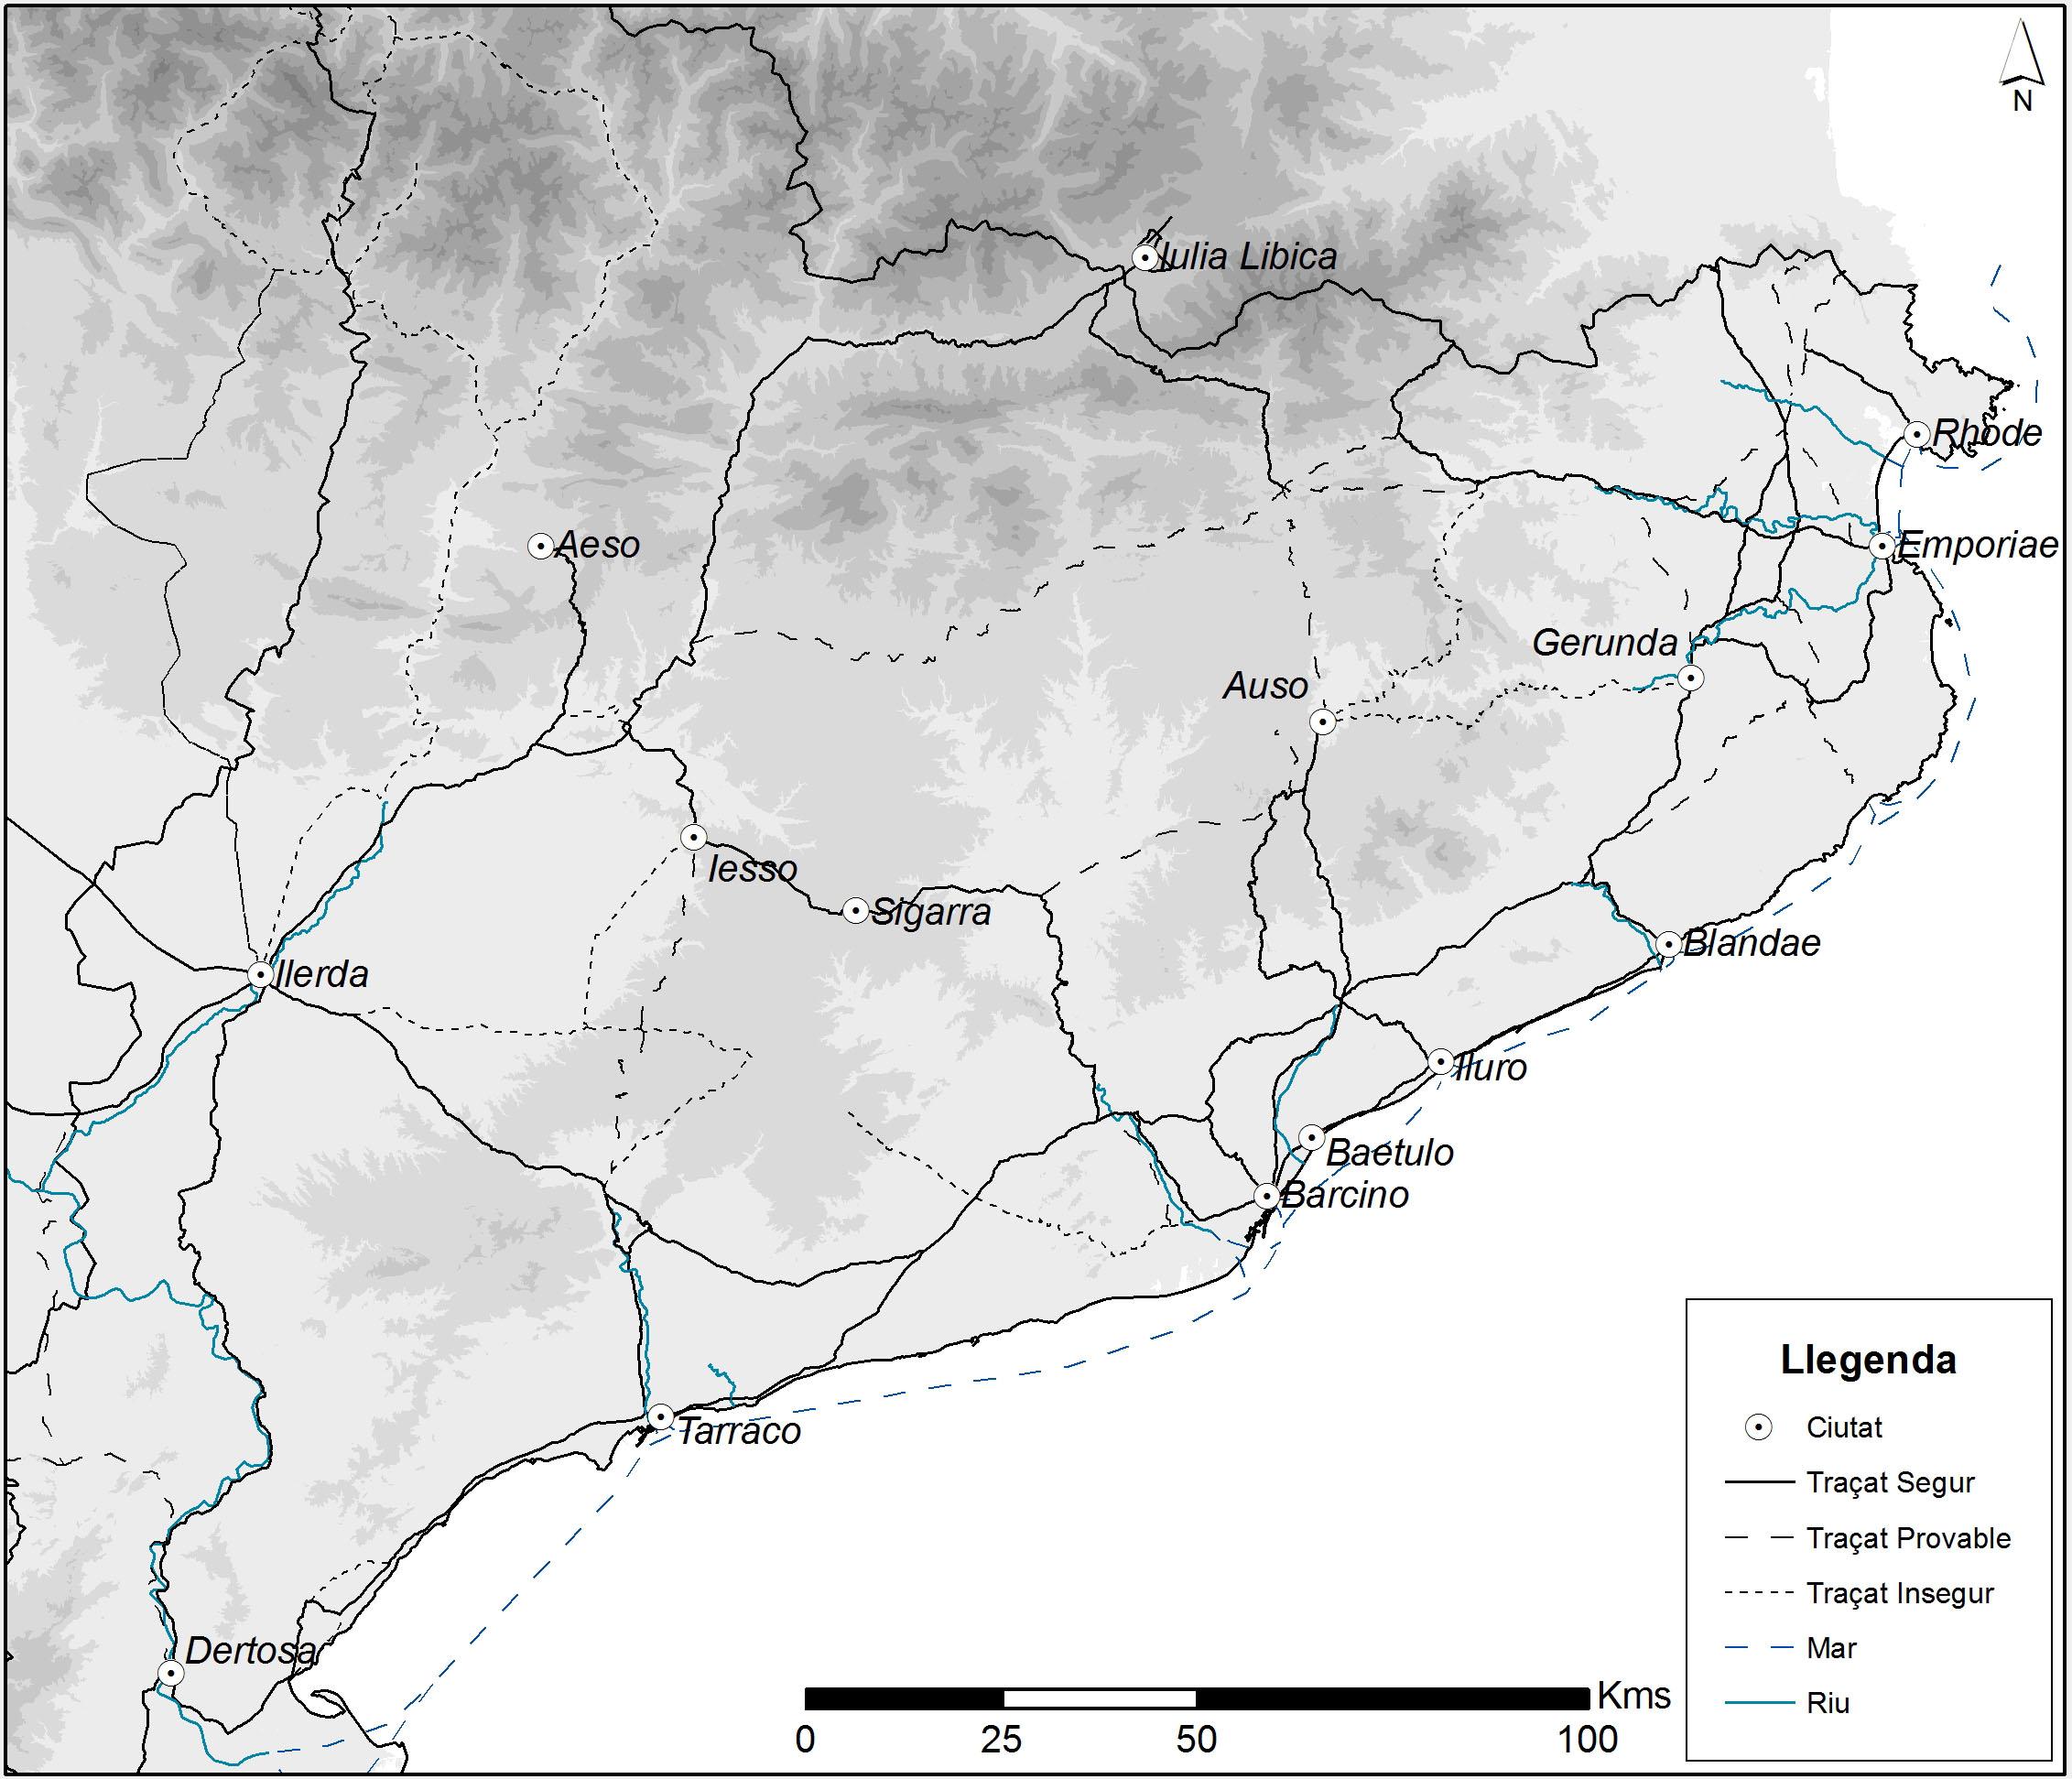 La xarxa de comunicacions a la Catalunya romana